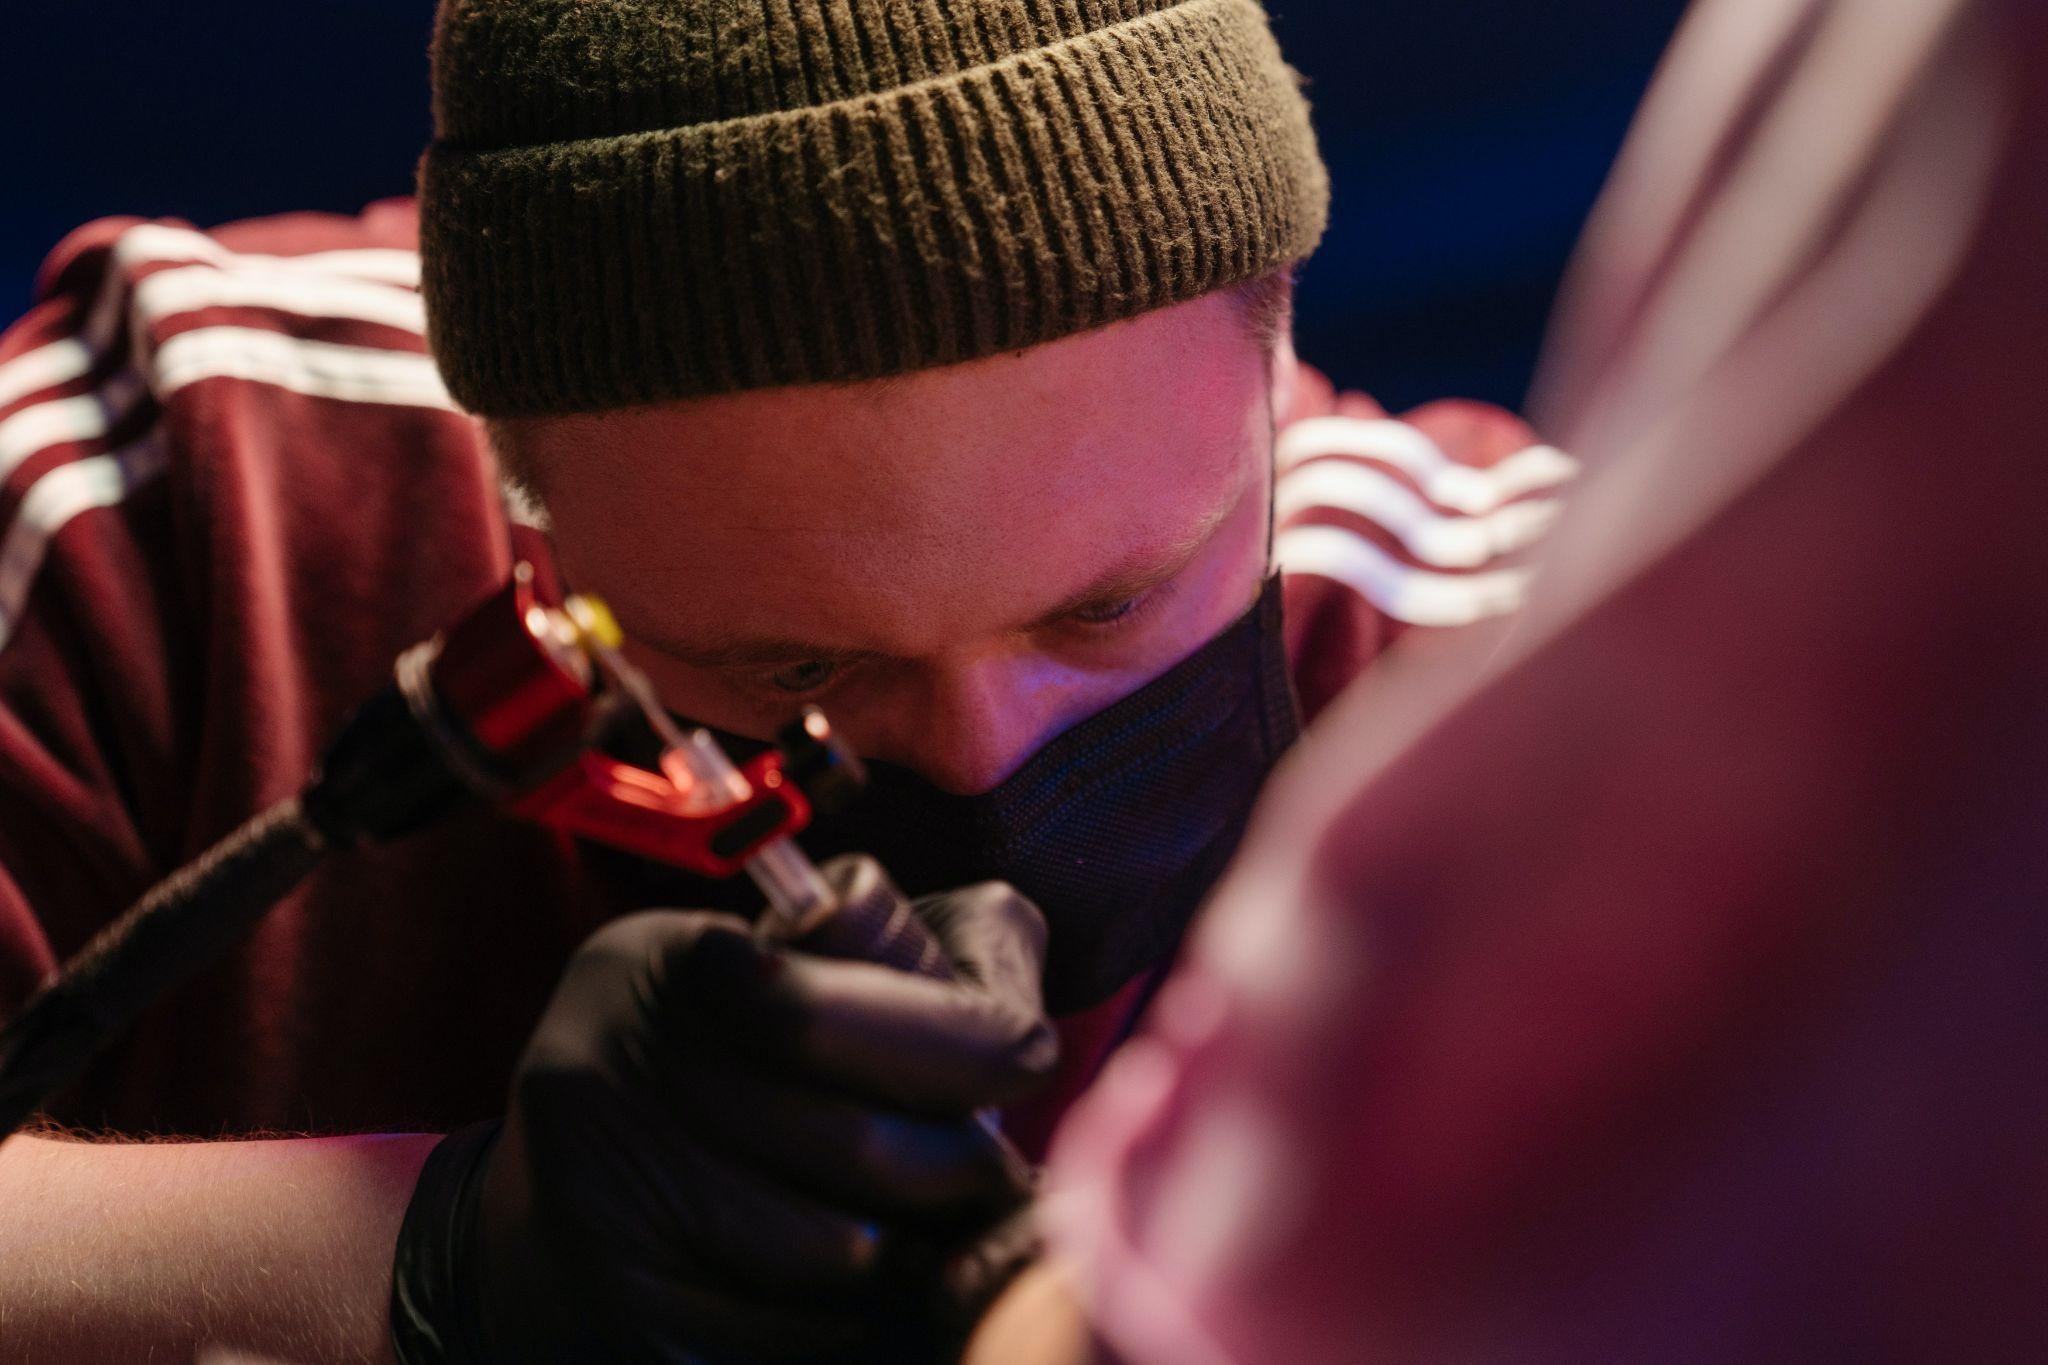 tattoo artist applying a hand tattoo